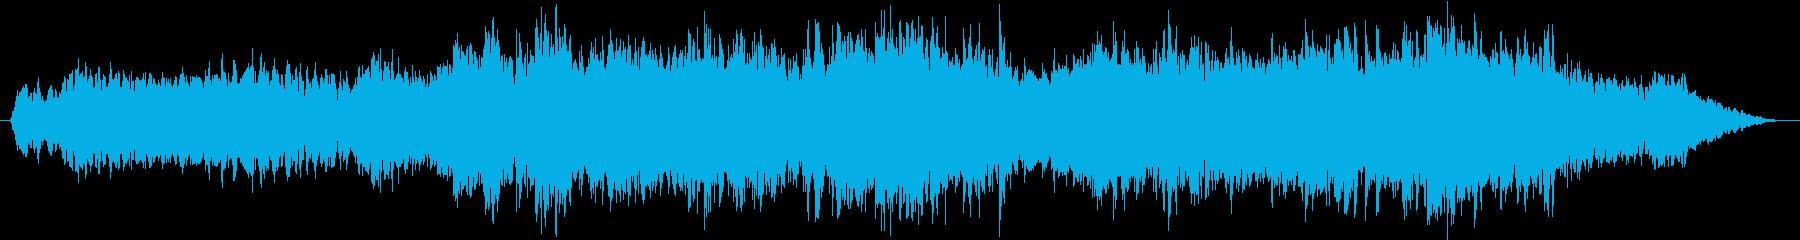 ヒーリング、幻想的なアンビエントピアノ曲の再生済みの波形